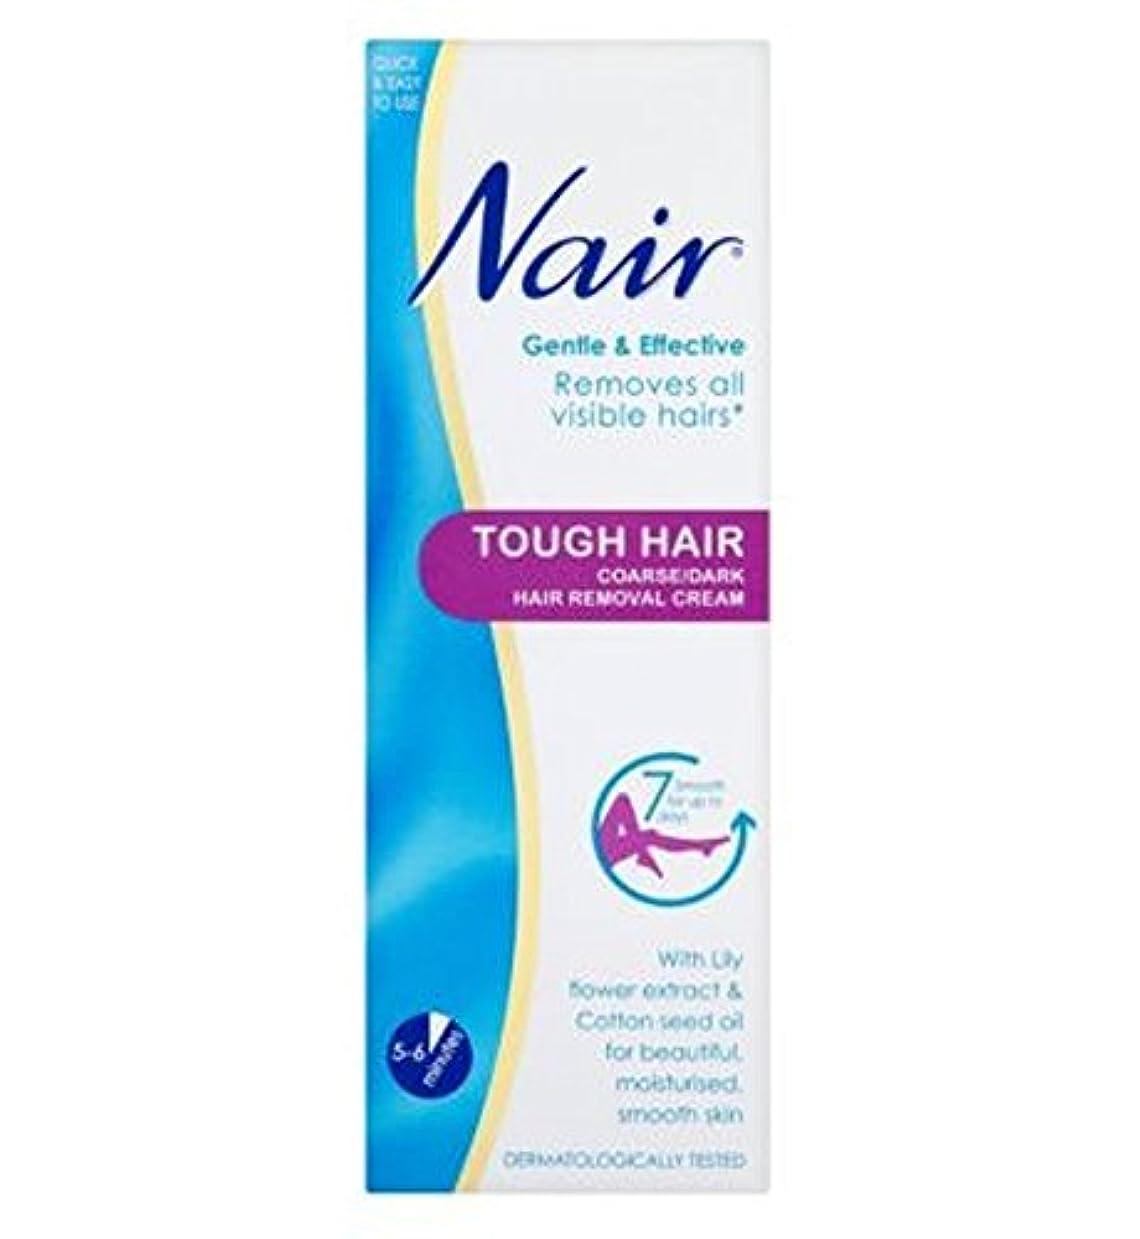 恵みプレゼンばかNair Tough Hair Hair Removal Cream 200ml - ナイールタフな毛脱毛クリーム200ミリリットル (Nair) [並行輸入品]